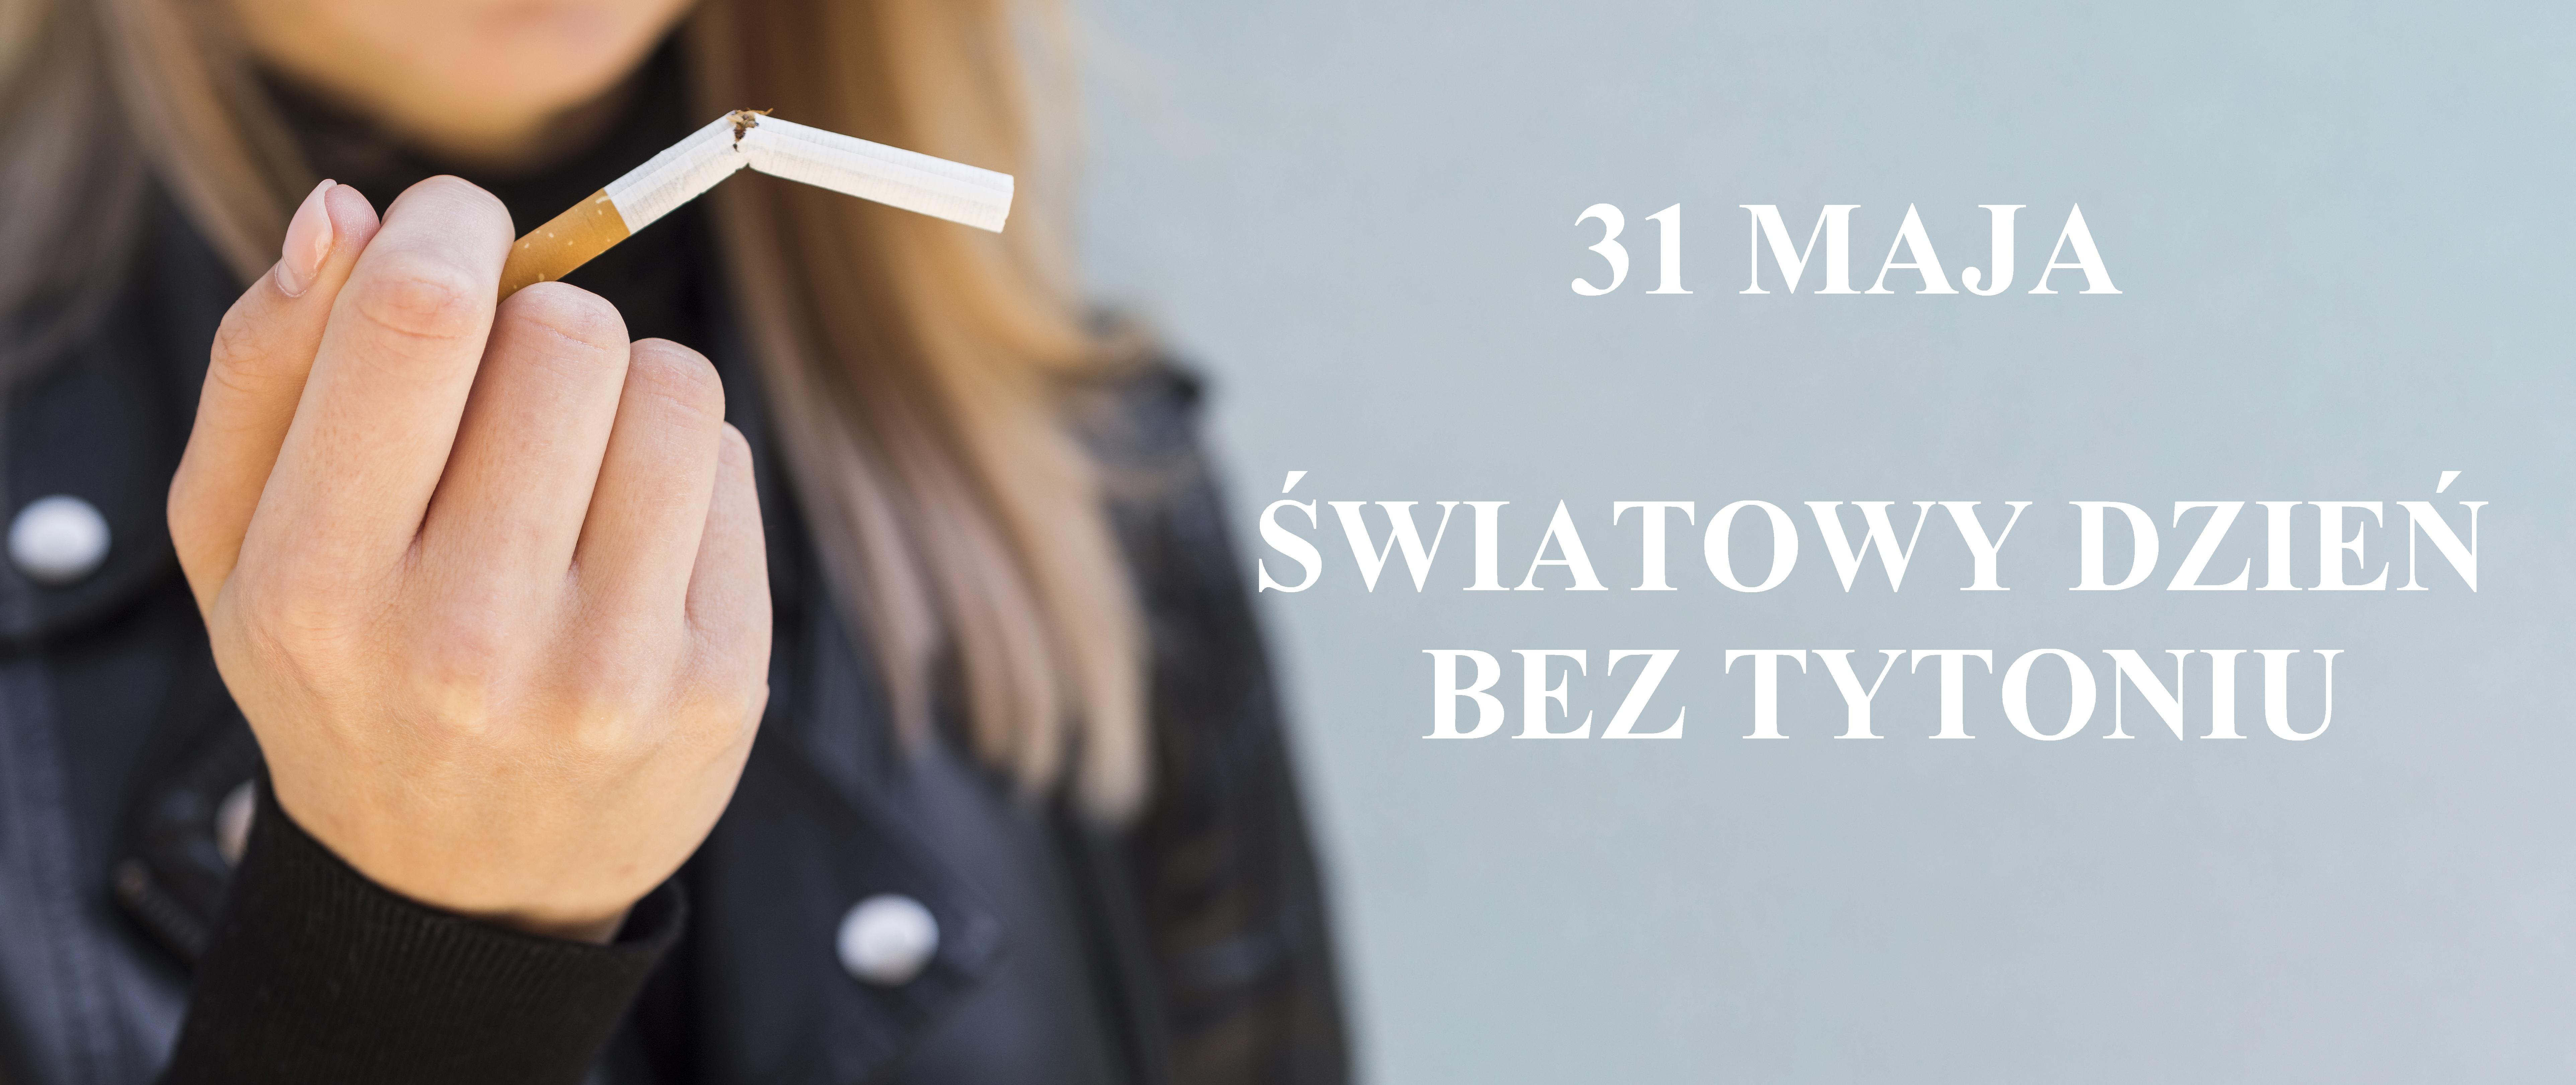 Gtafika: 31 maja - Światowy Dzień Bez Tytoniu